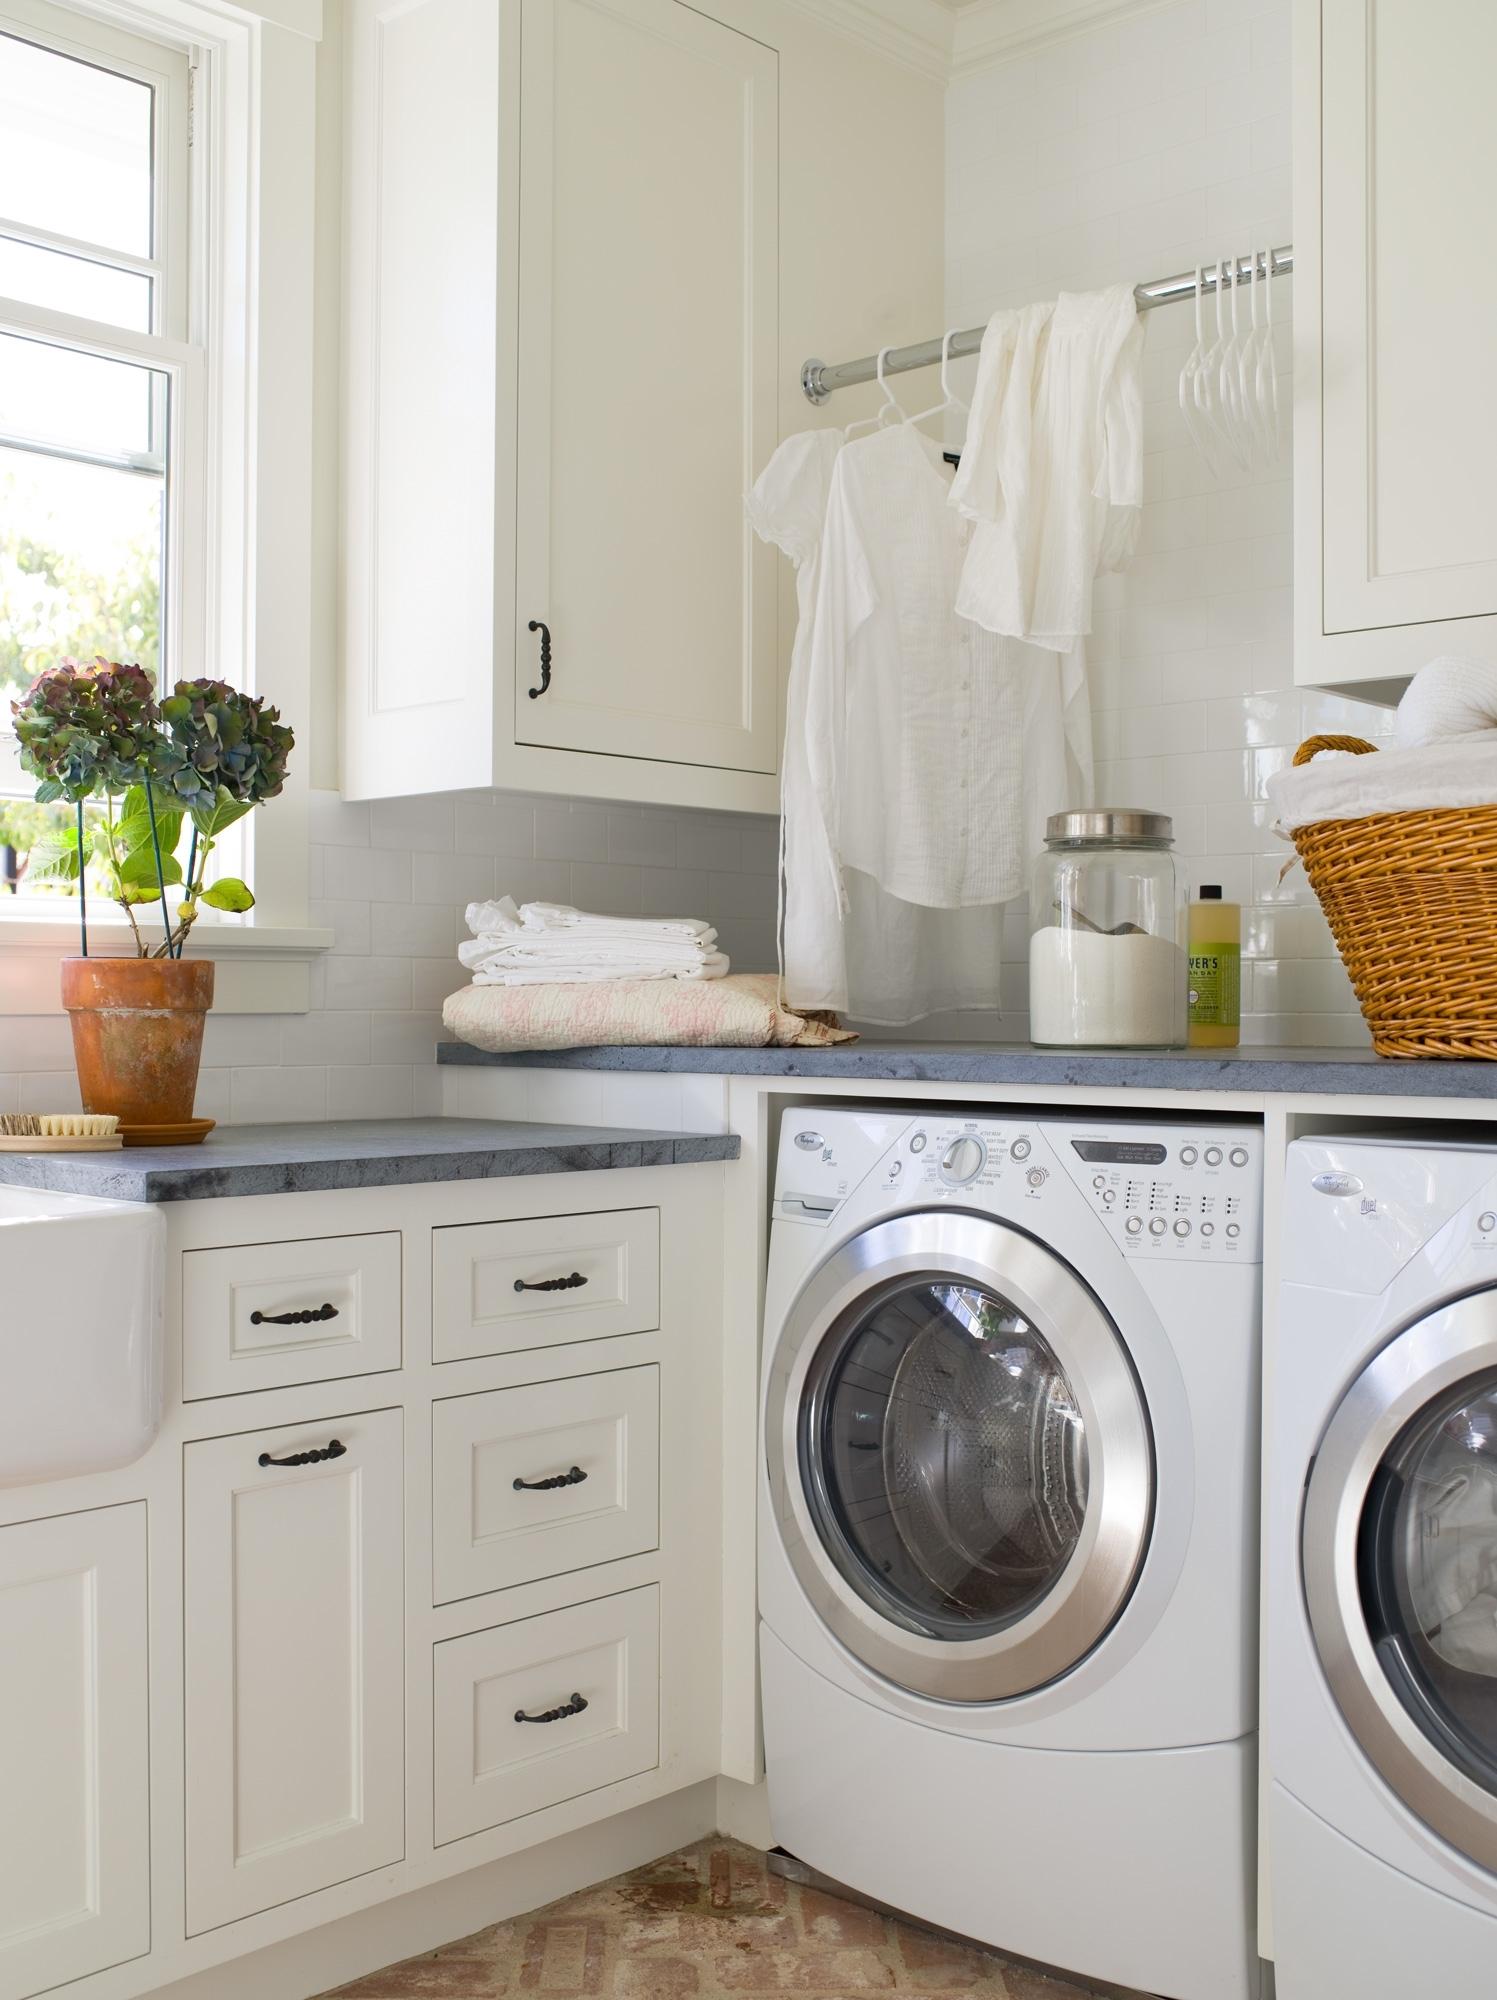 Как очистить стиральную машину, чтобы ваше белье при стирке всегда было свежим